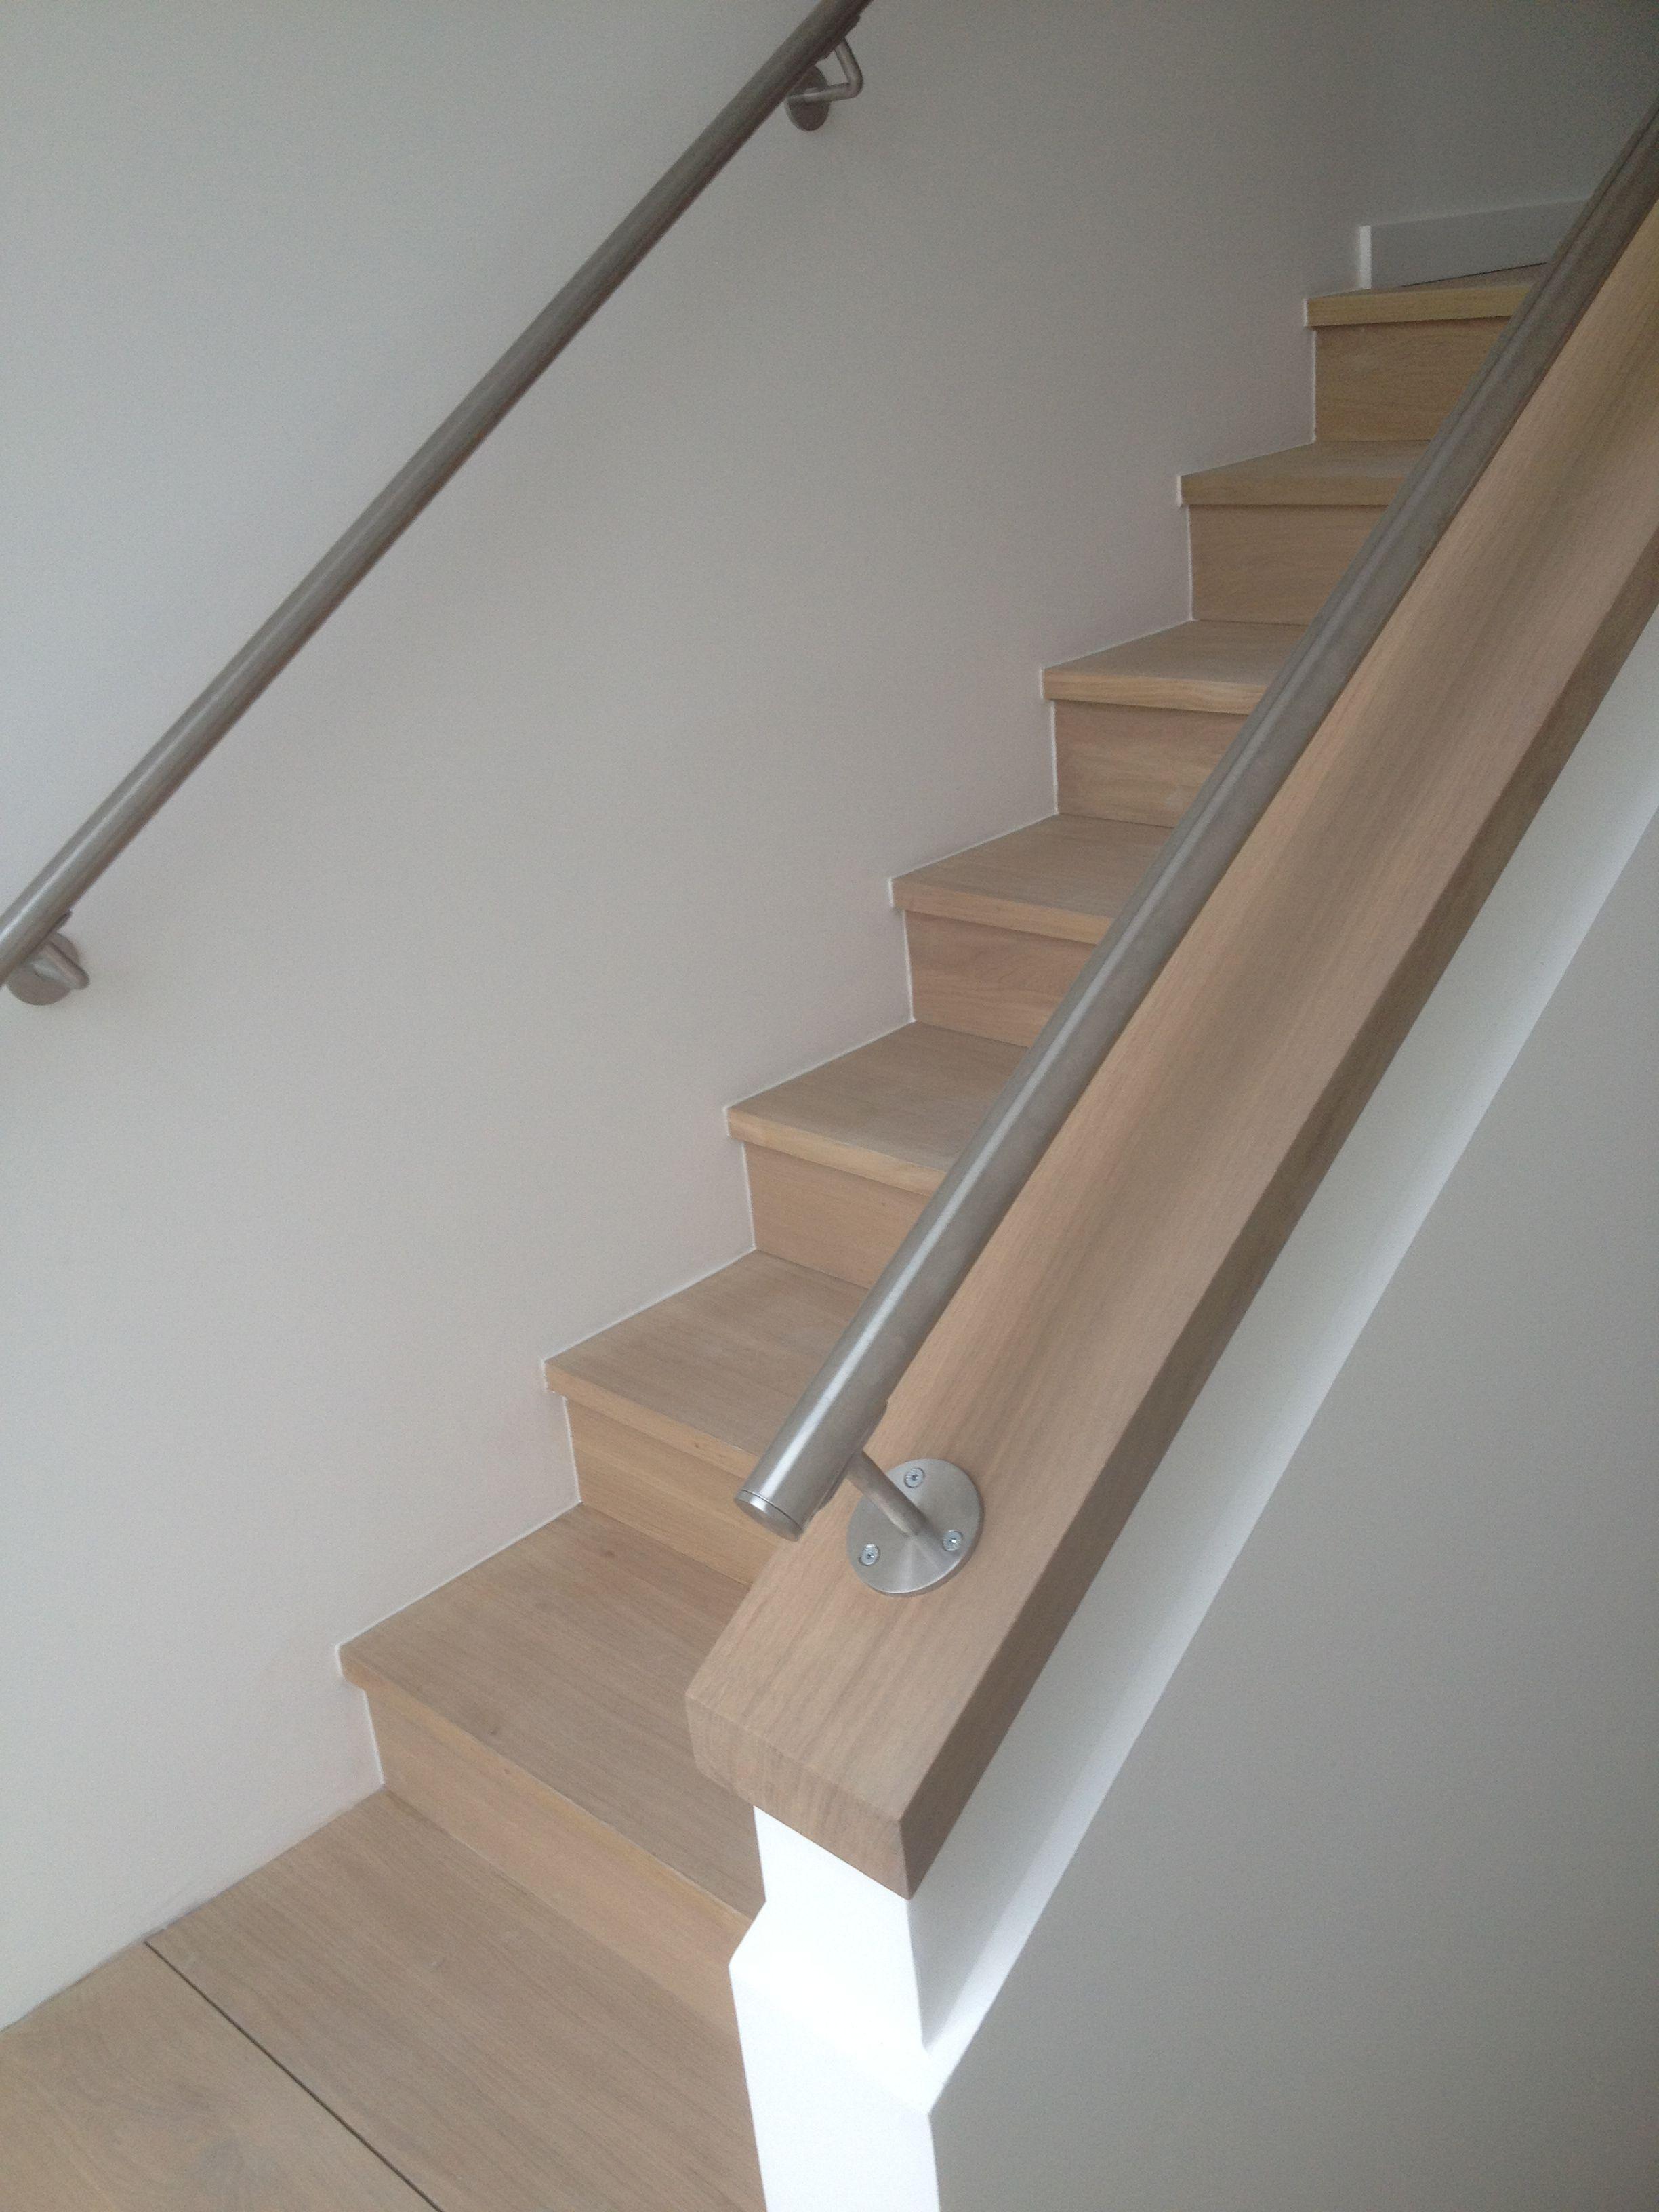 Escalier Droit Bois Et Rampe Inox Pallier Escalier Escaliers Maison Escalier